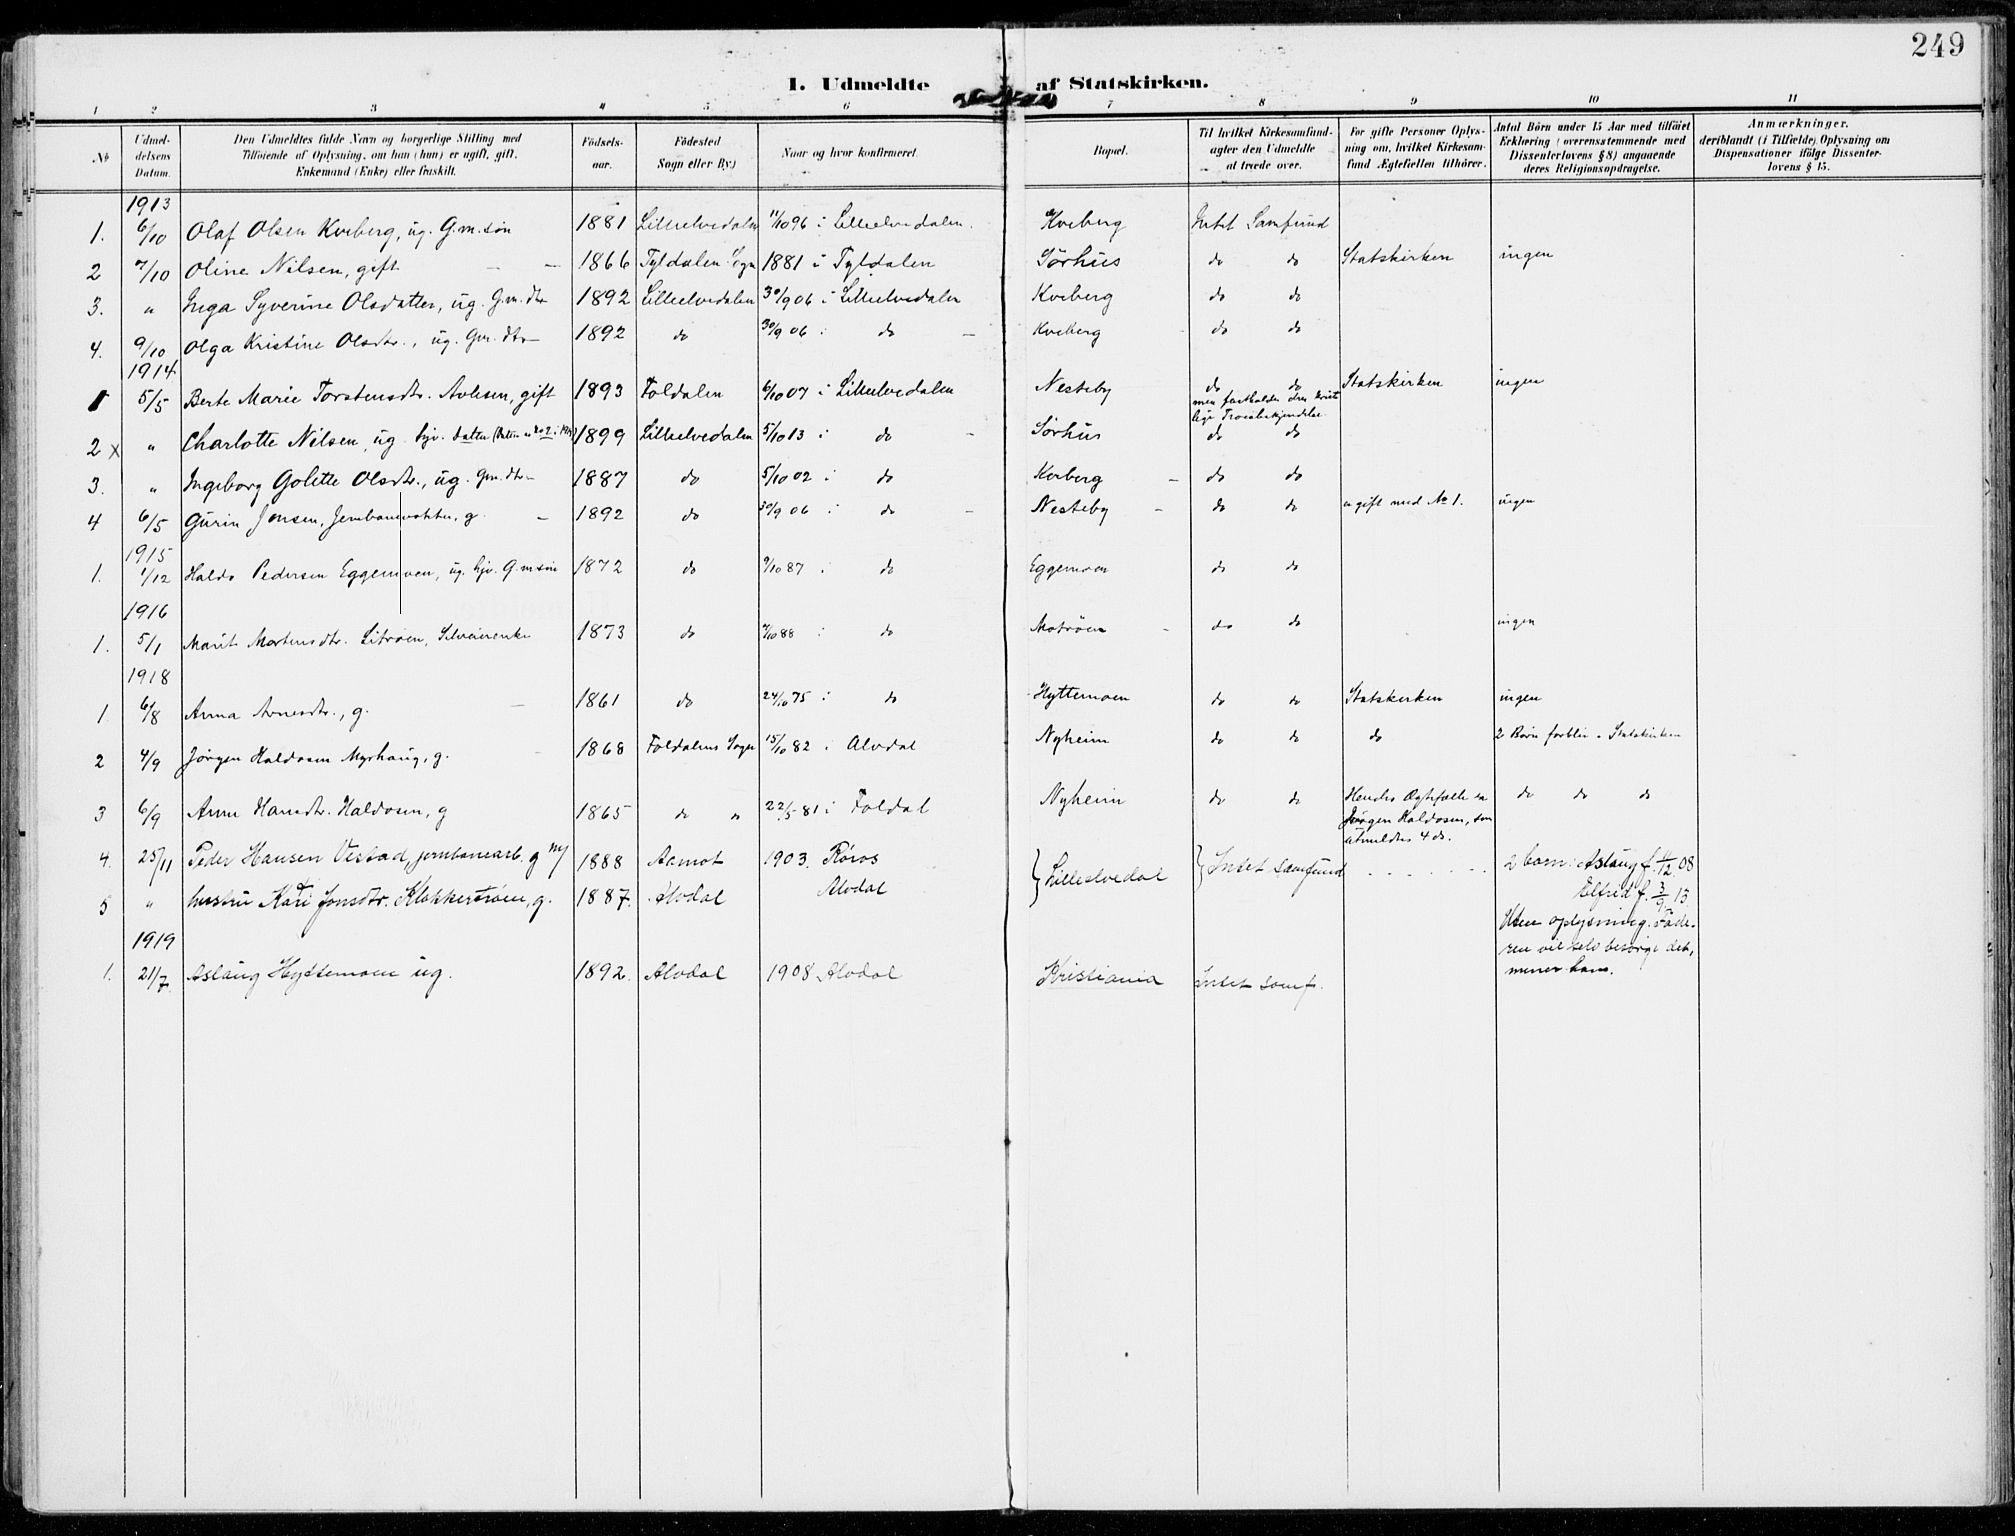 SAH, Alvdal prestekontor, Ministerialbok nr. 4, 1907-1919, s. 249